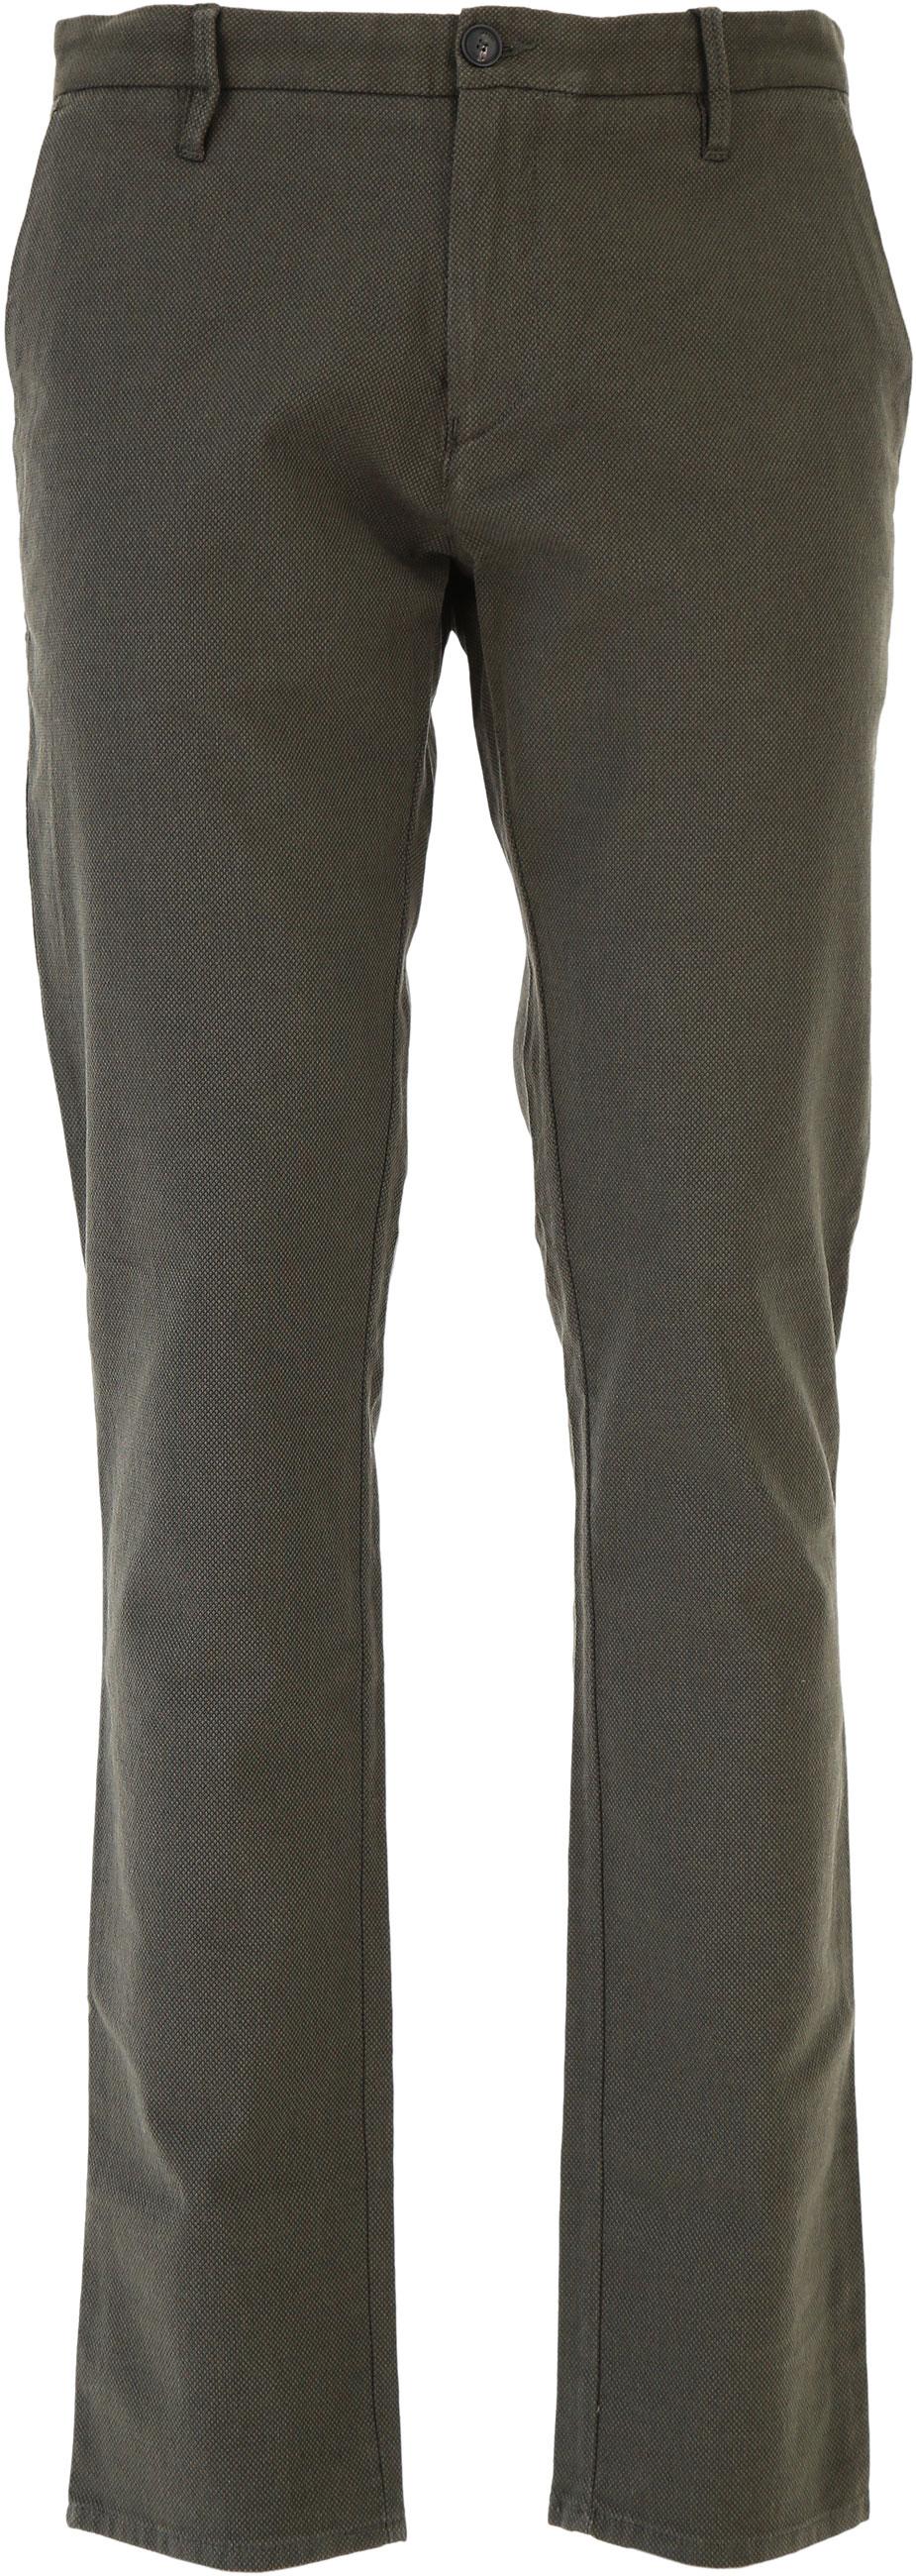 Abbigliamento Uomo Emporio Armani, Codice Articolo: 6y6p15-6n3jz-0861